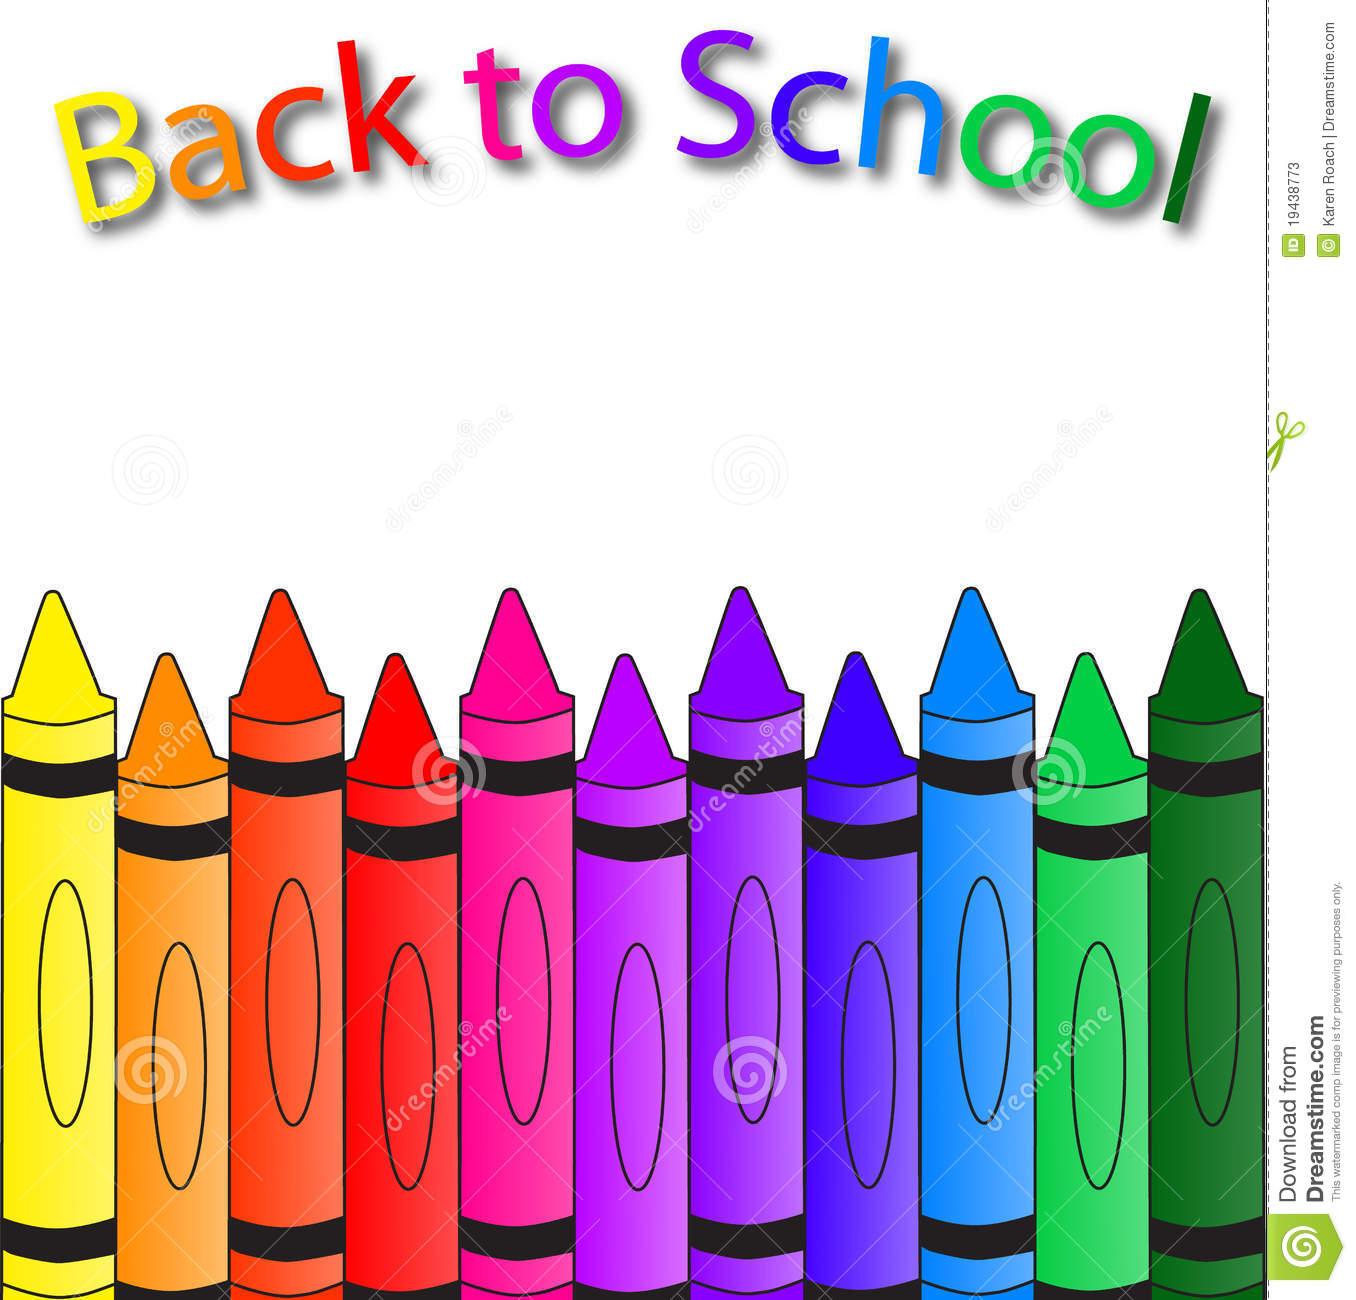 crayola20crayons20clipart